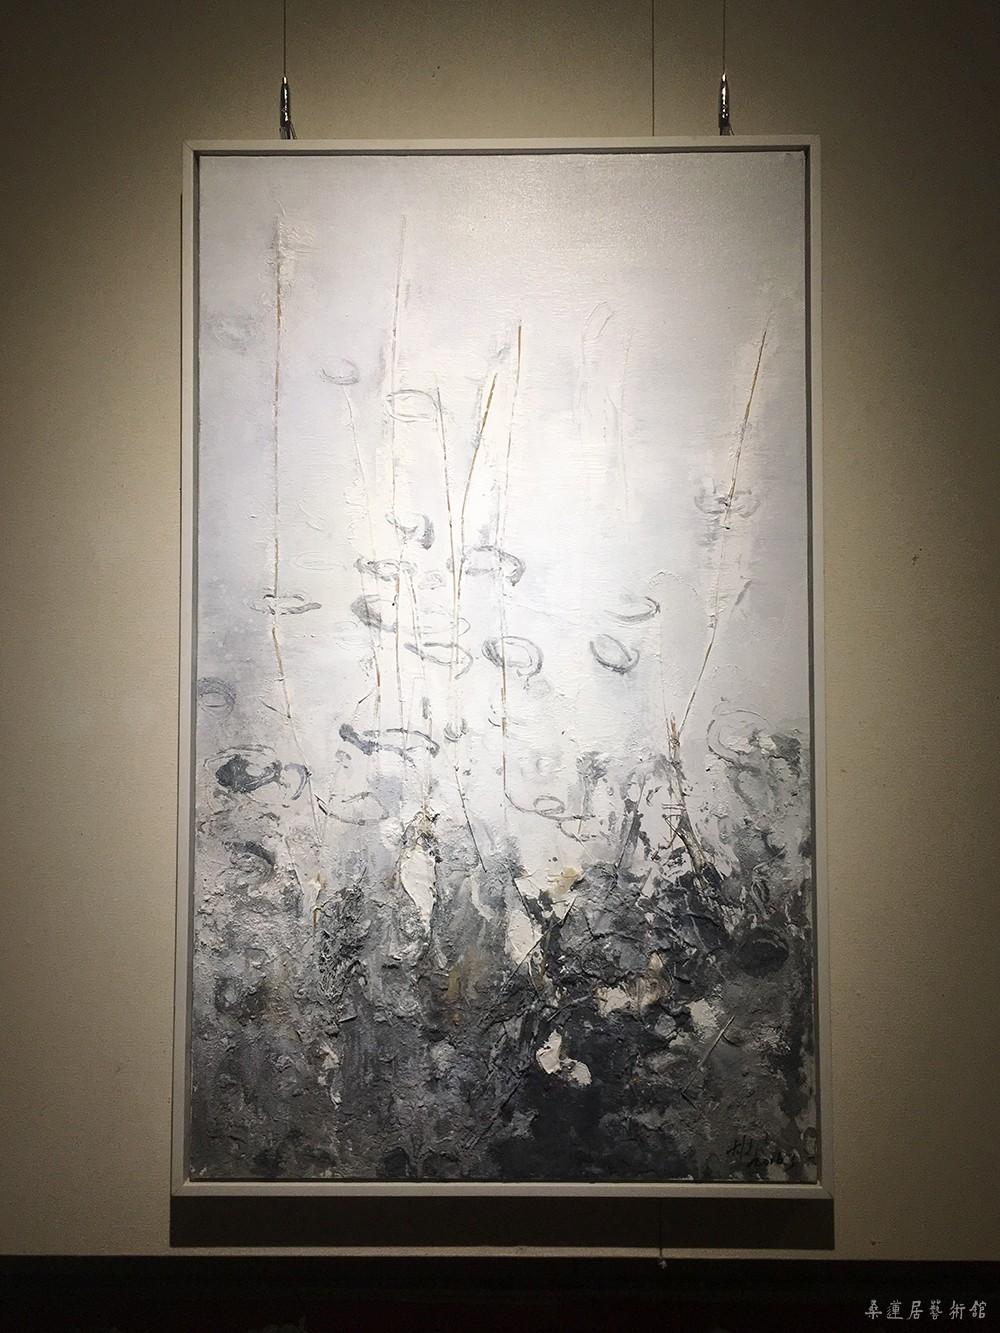 周雄波《涟》系列3 60×100cm 缩图